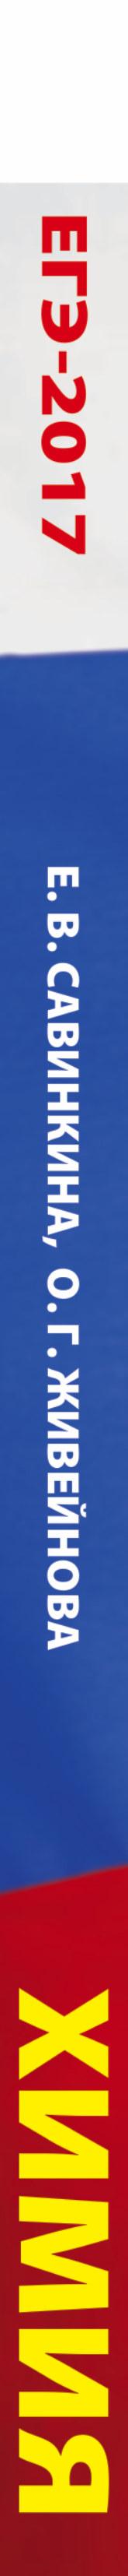 ЕГЭ-2017. Химия. 50 тренировочных вариантов экзаменационных работ для подготовки к единому государственному экзамену